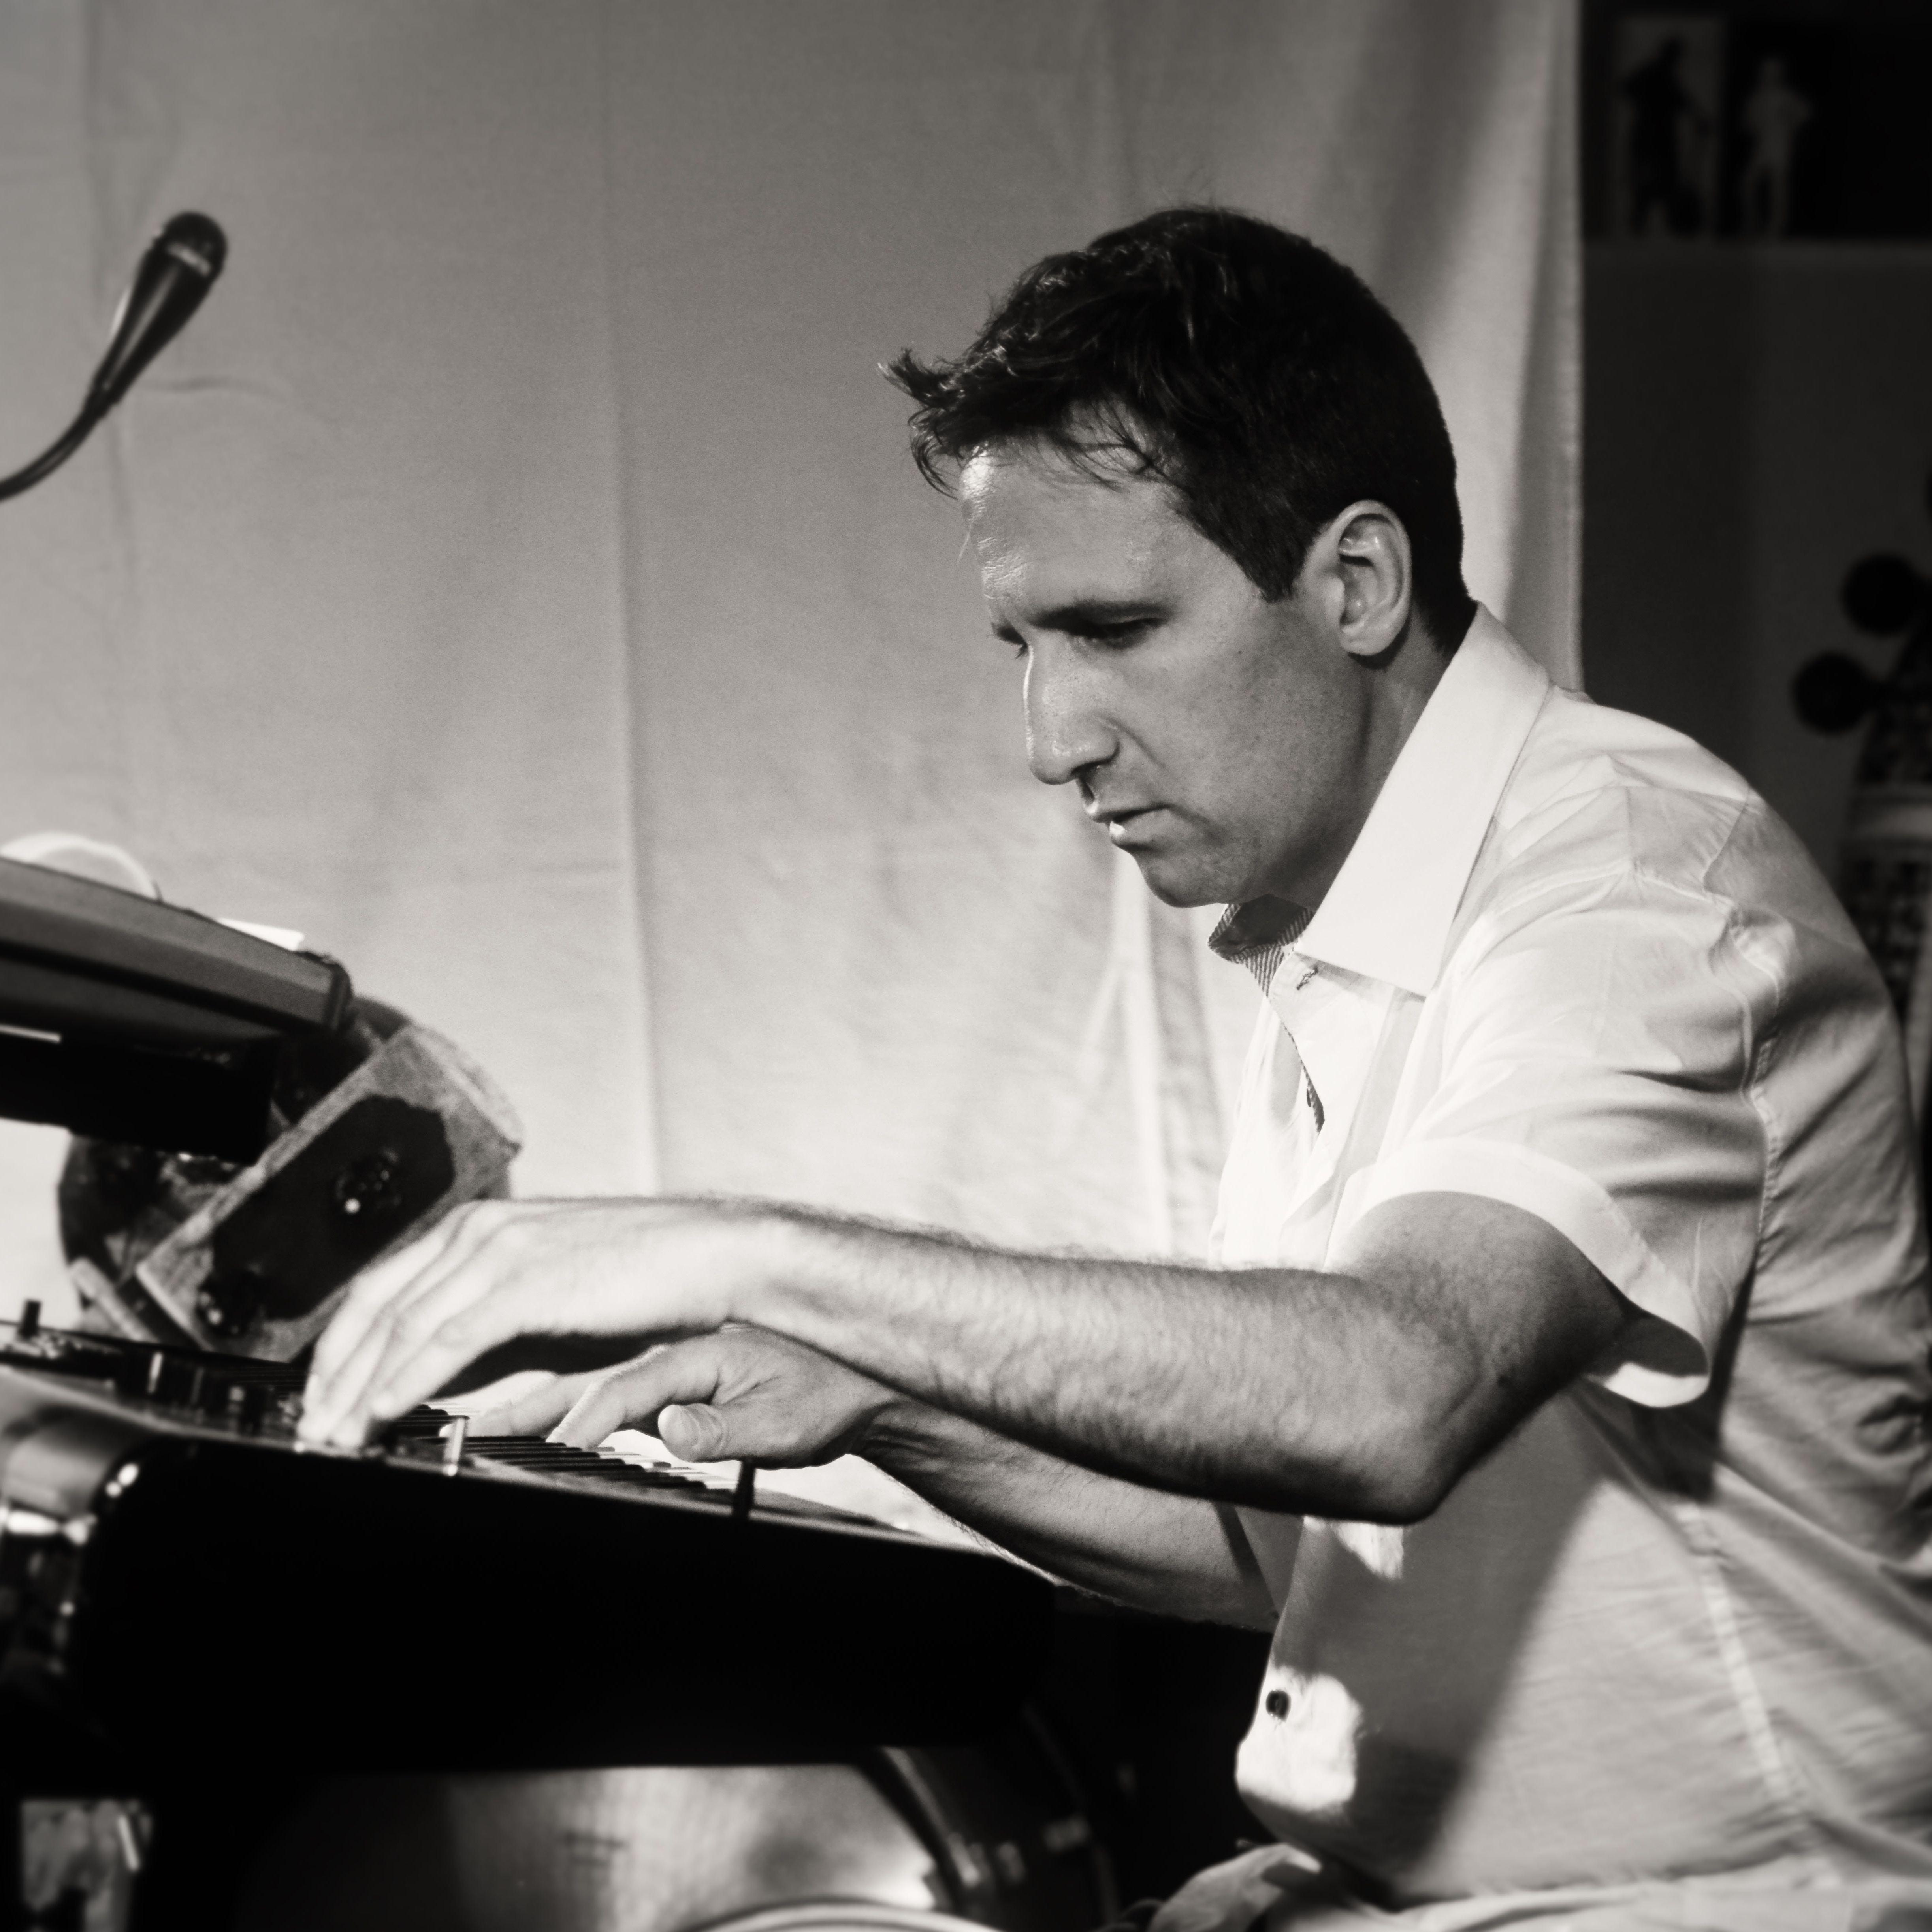 Nicolas Crettex